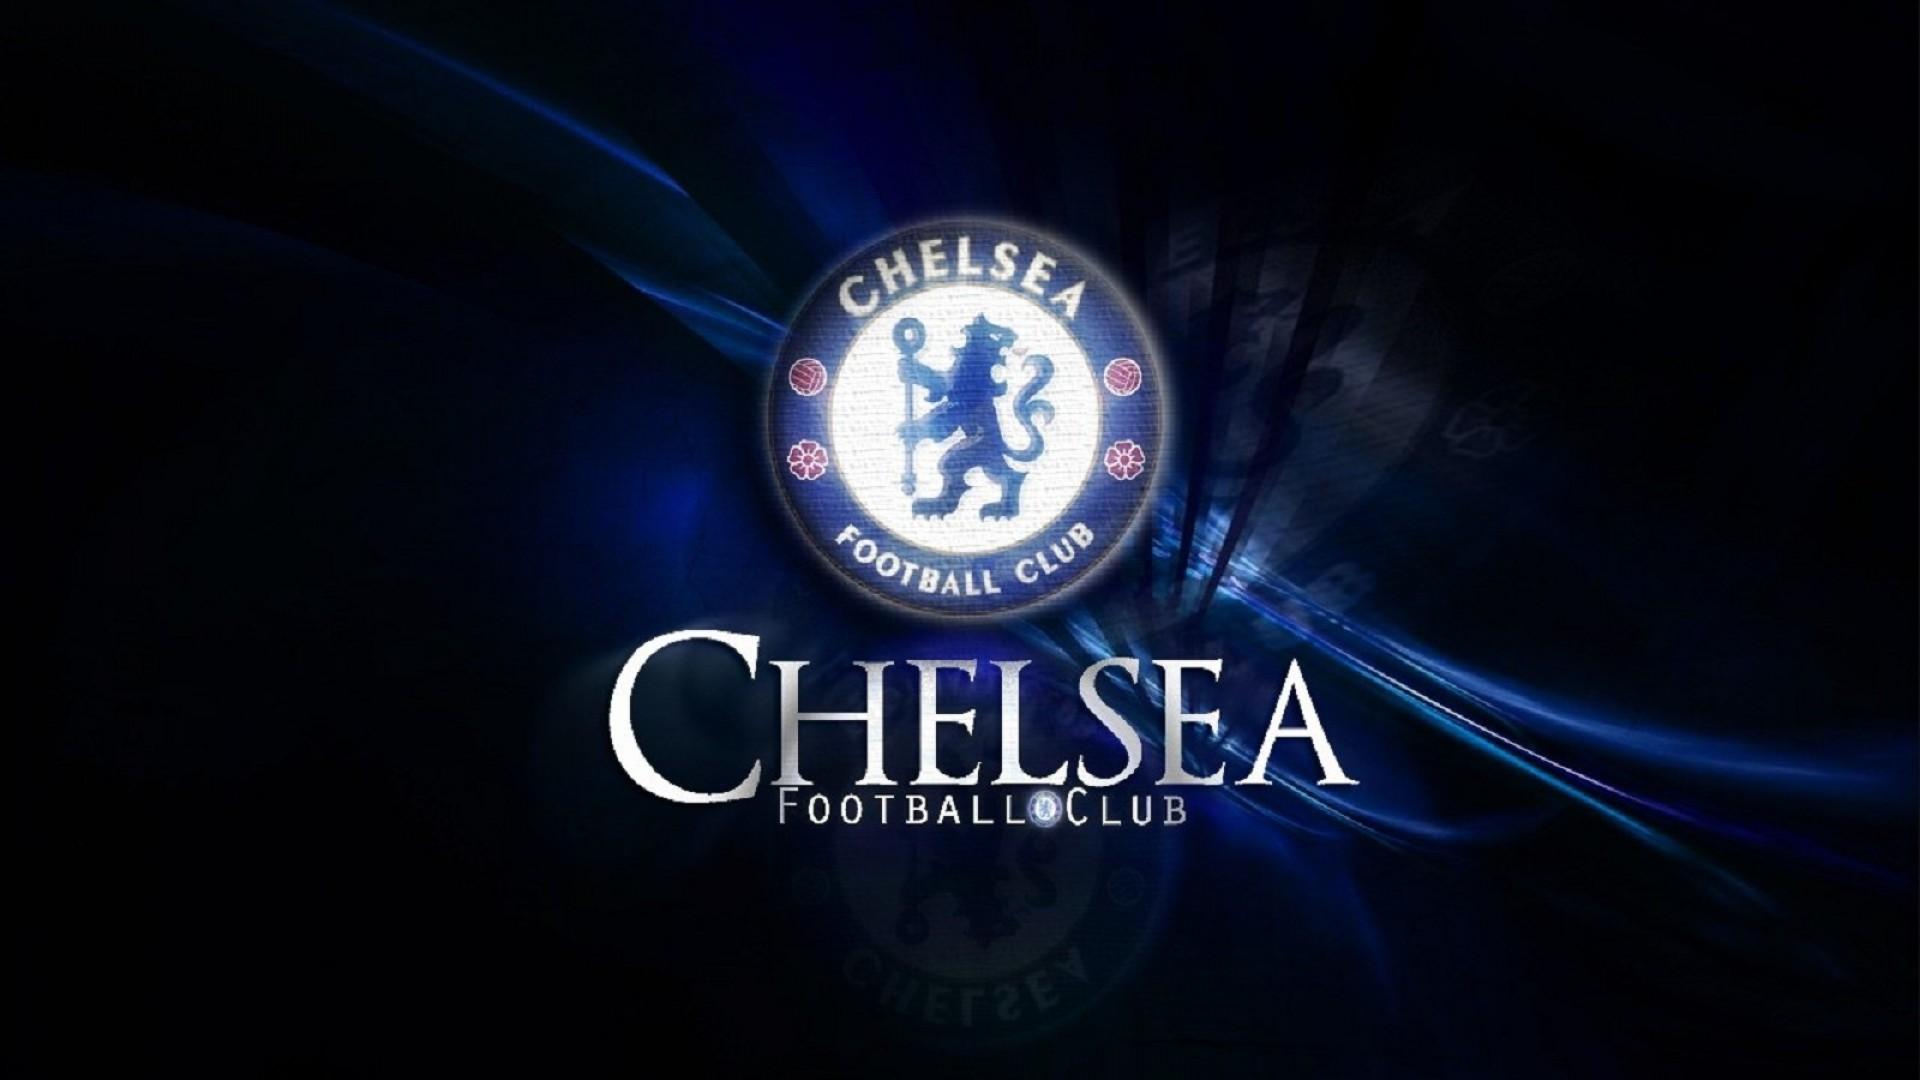 Fonds d'écran Chelsea Fc PC et Tablettes (iPad, etc...)